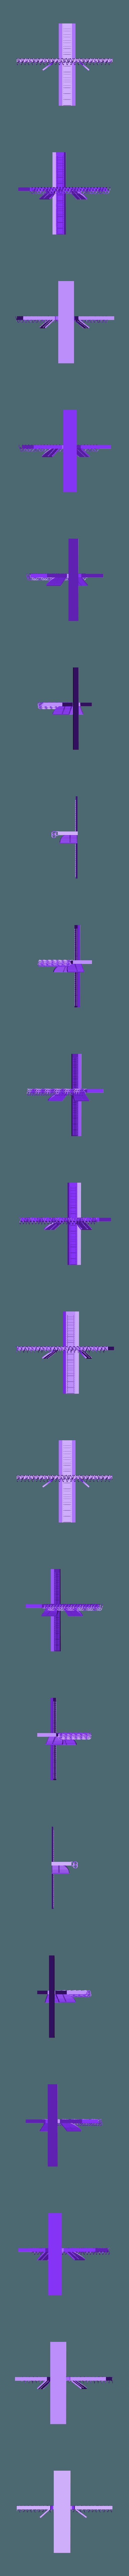 ttoorr.STL Télécharger fichier STL gratuit porte du camp • Design pour impression 3D, syzguru11